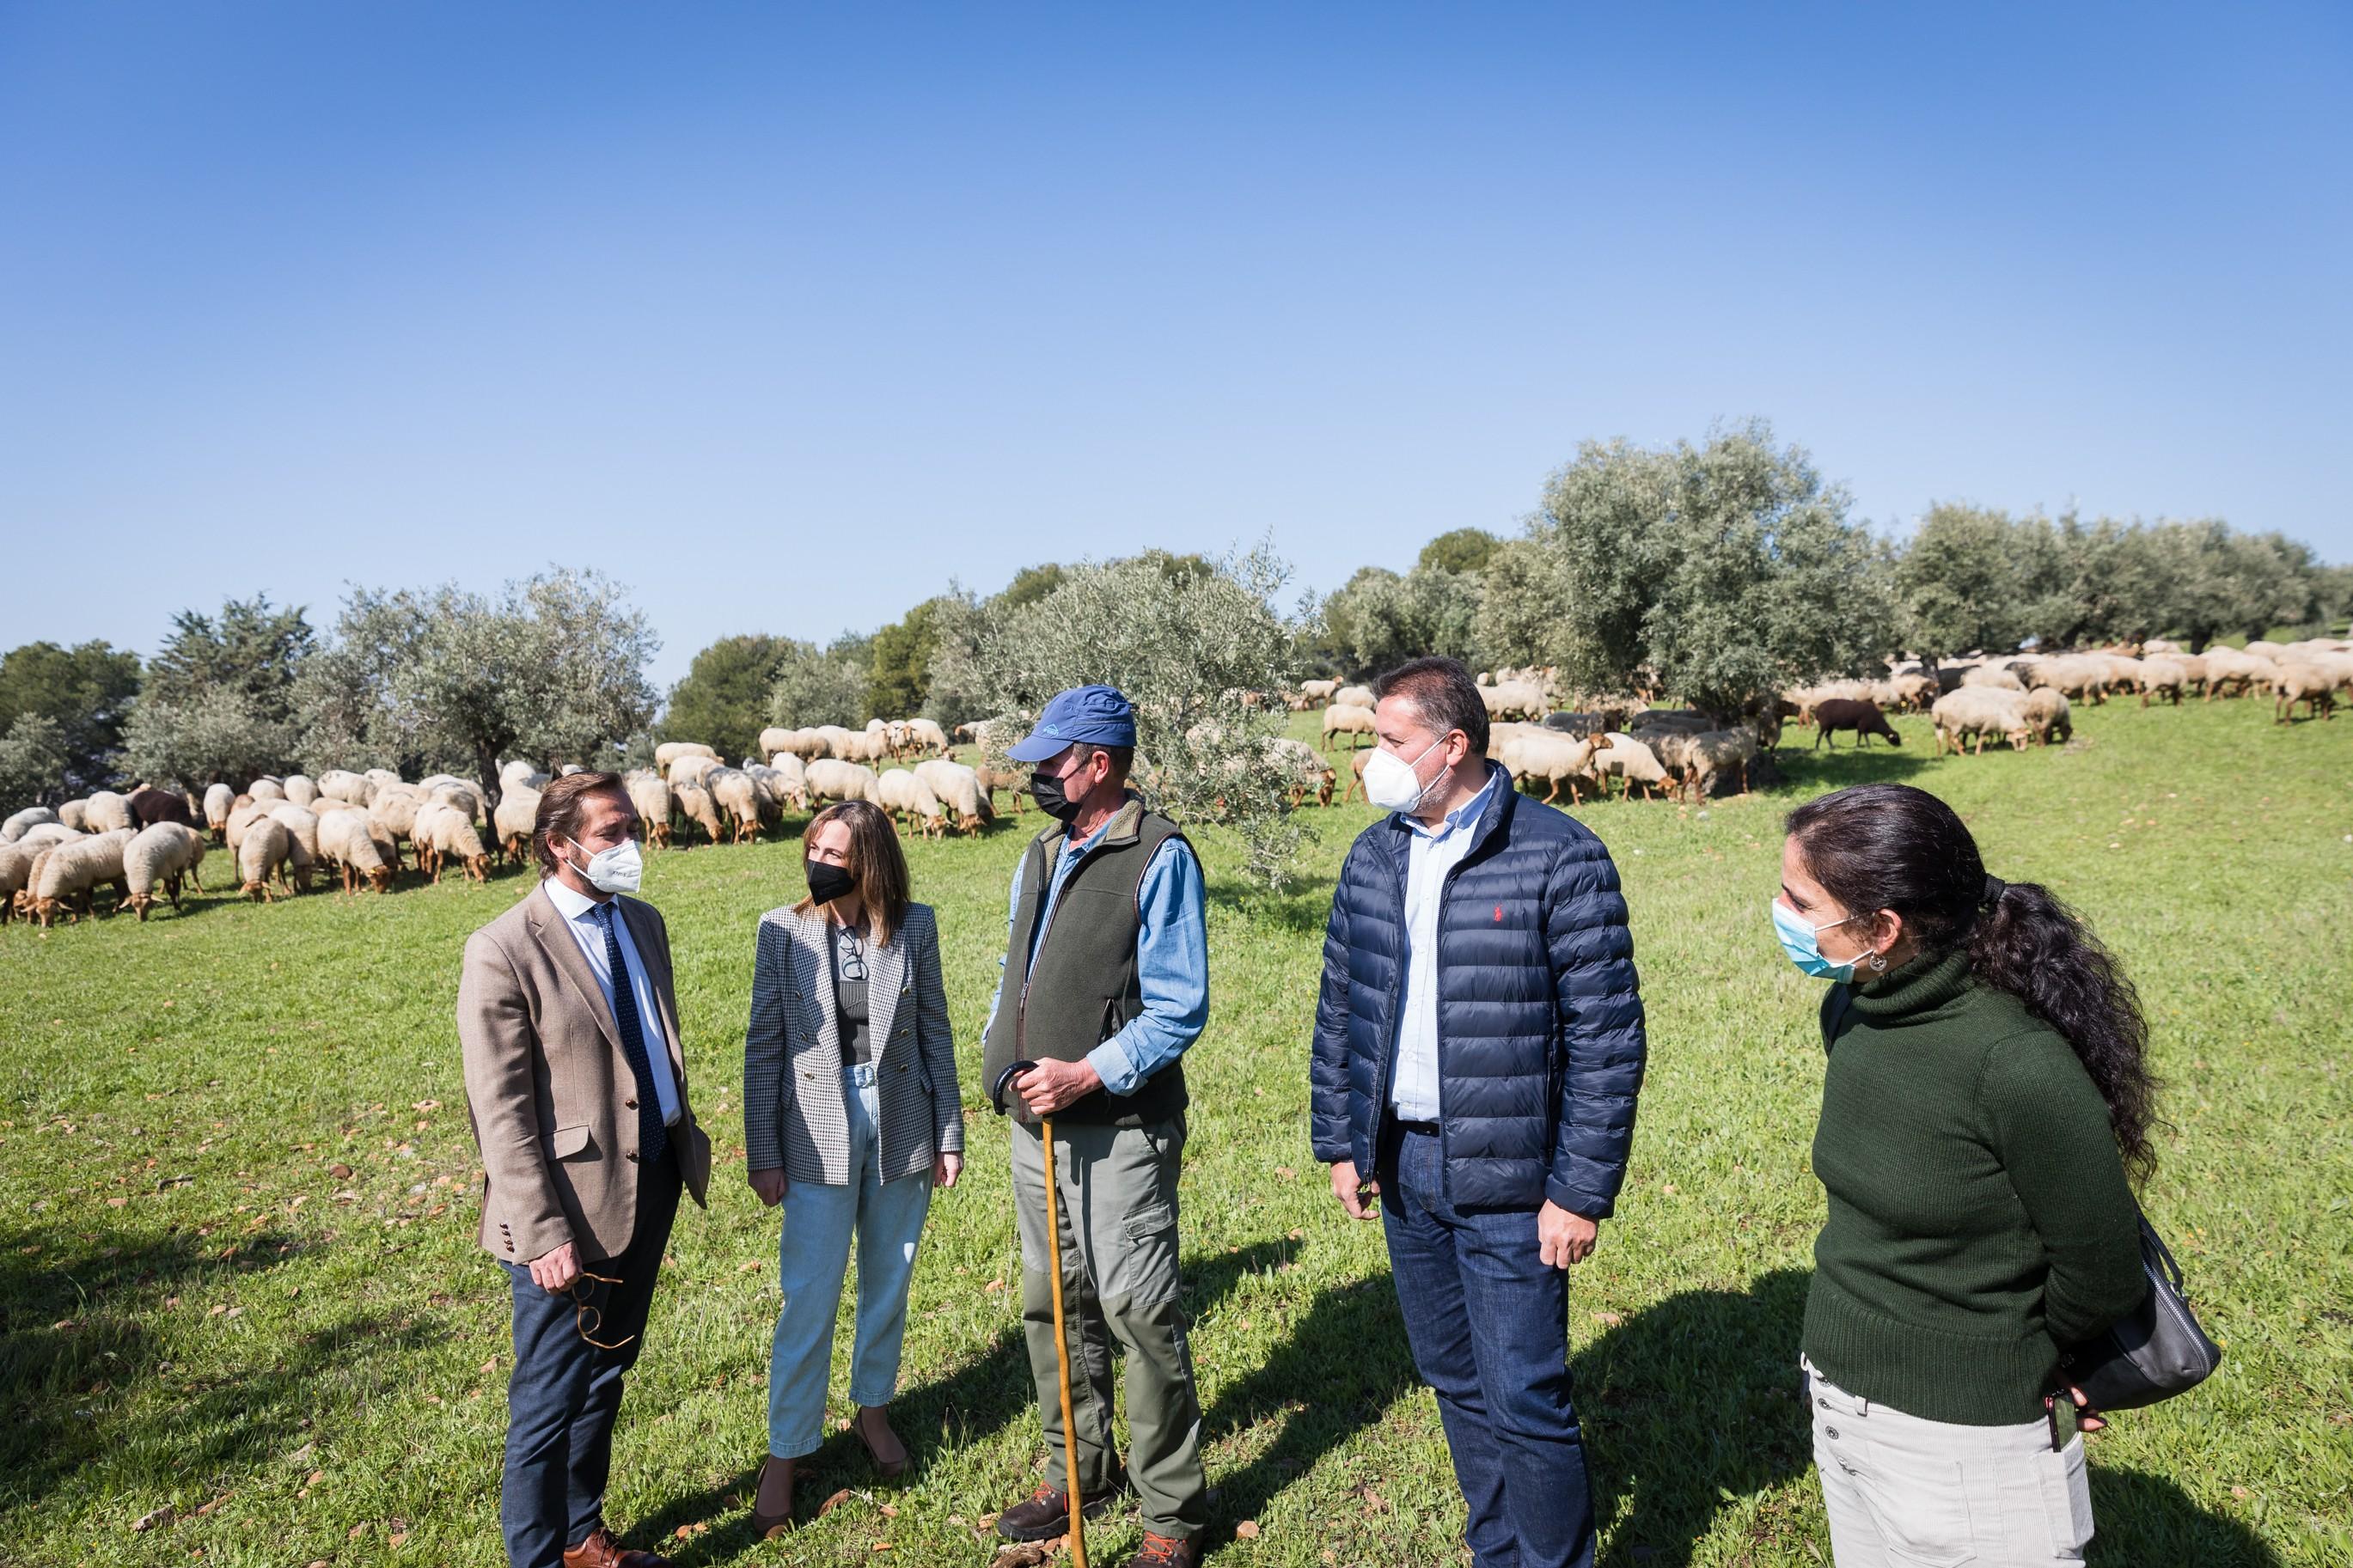 La Alhambra consolida la actividad del pastoreo en la Dehesa del Generalife